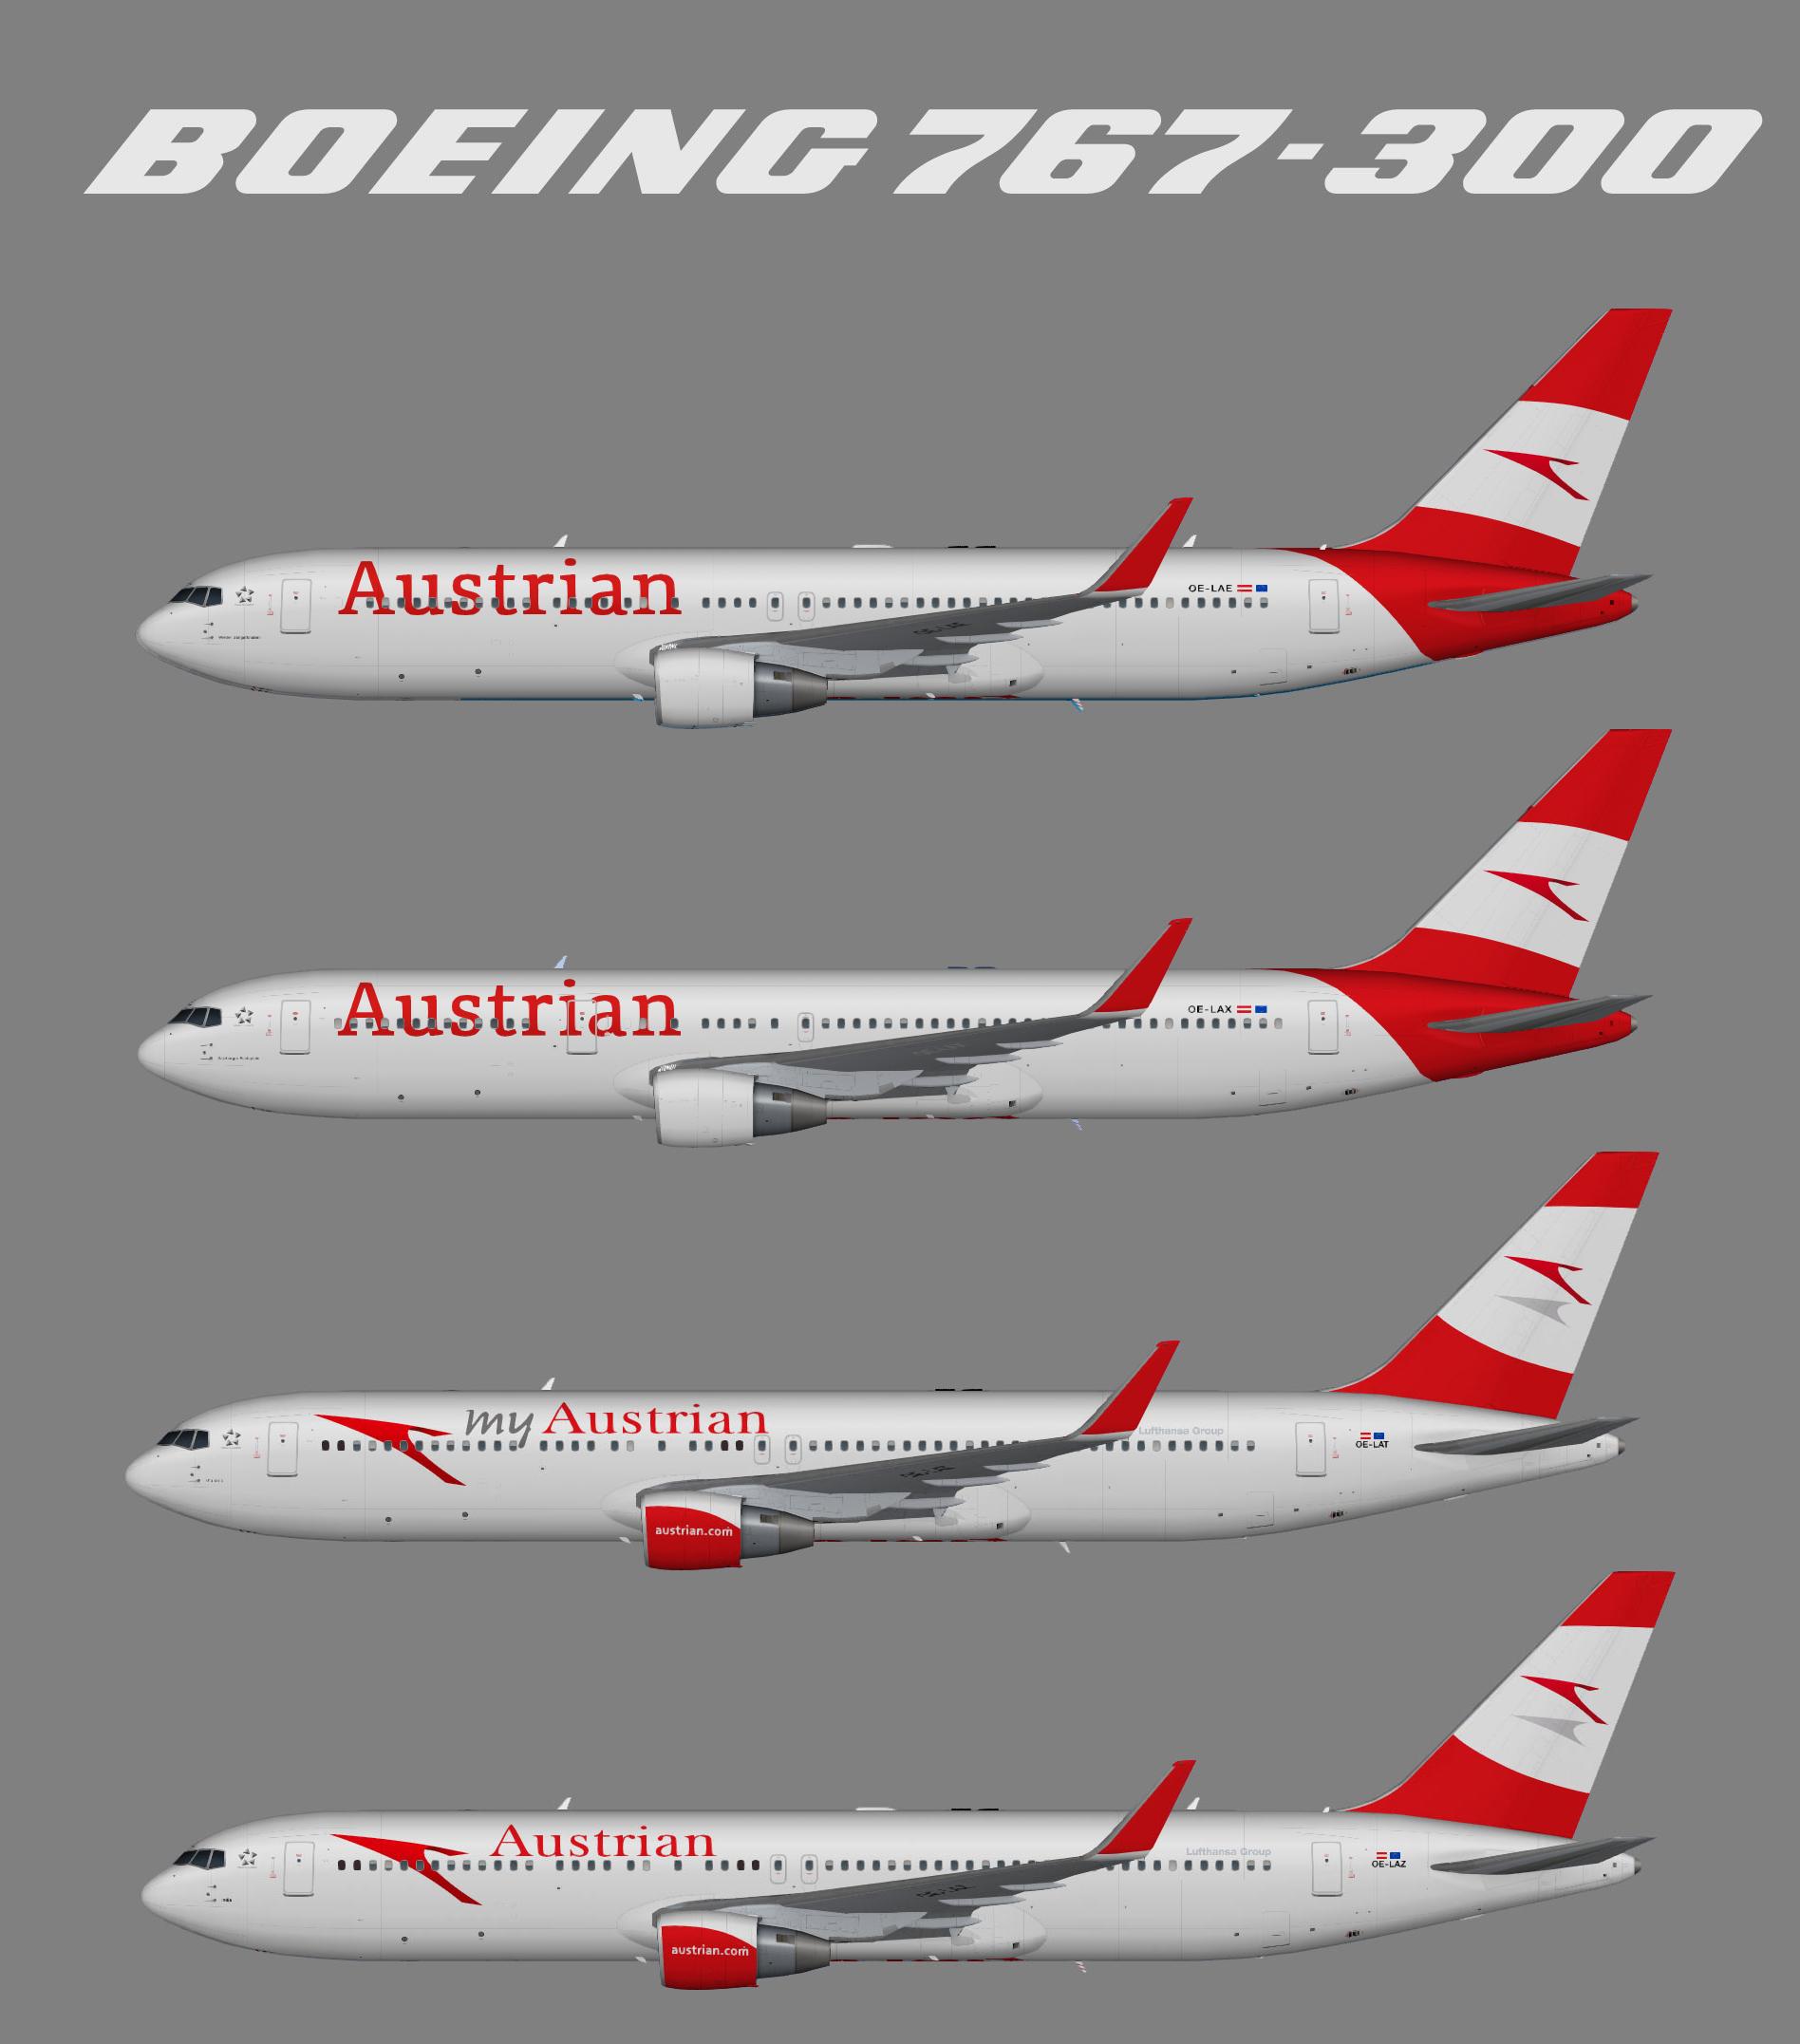 Austrian Airlines Boeing 767-300w